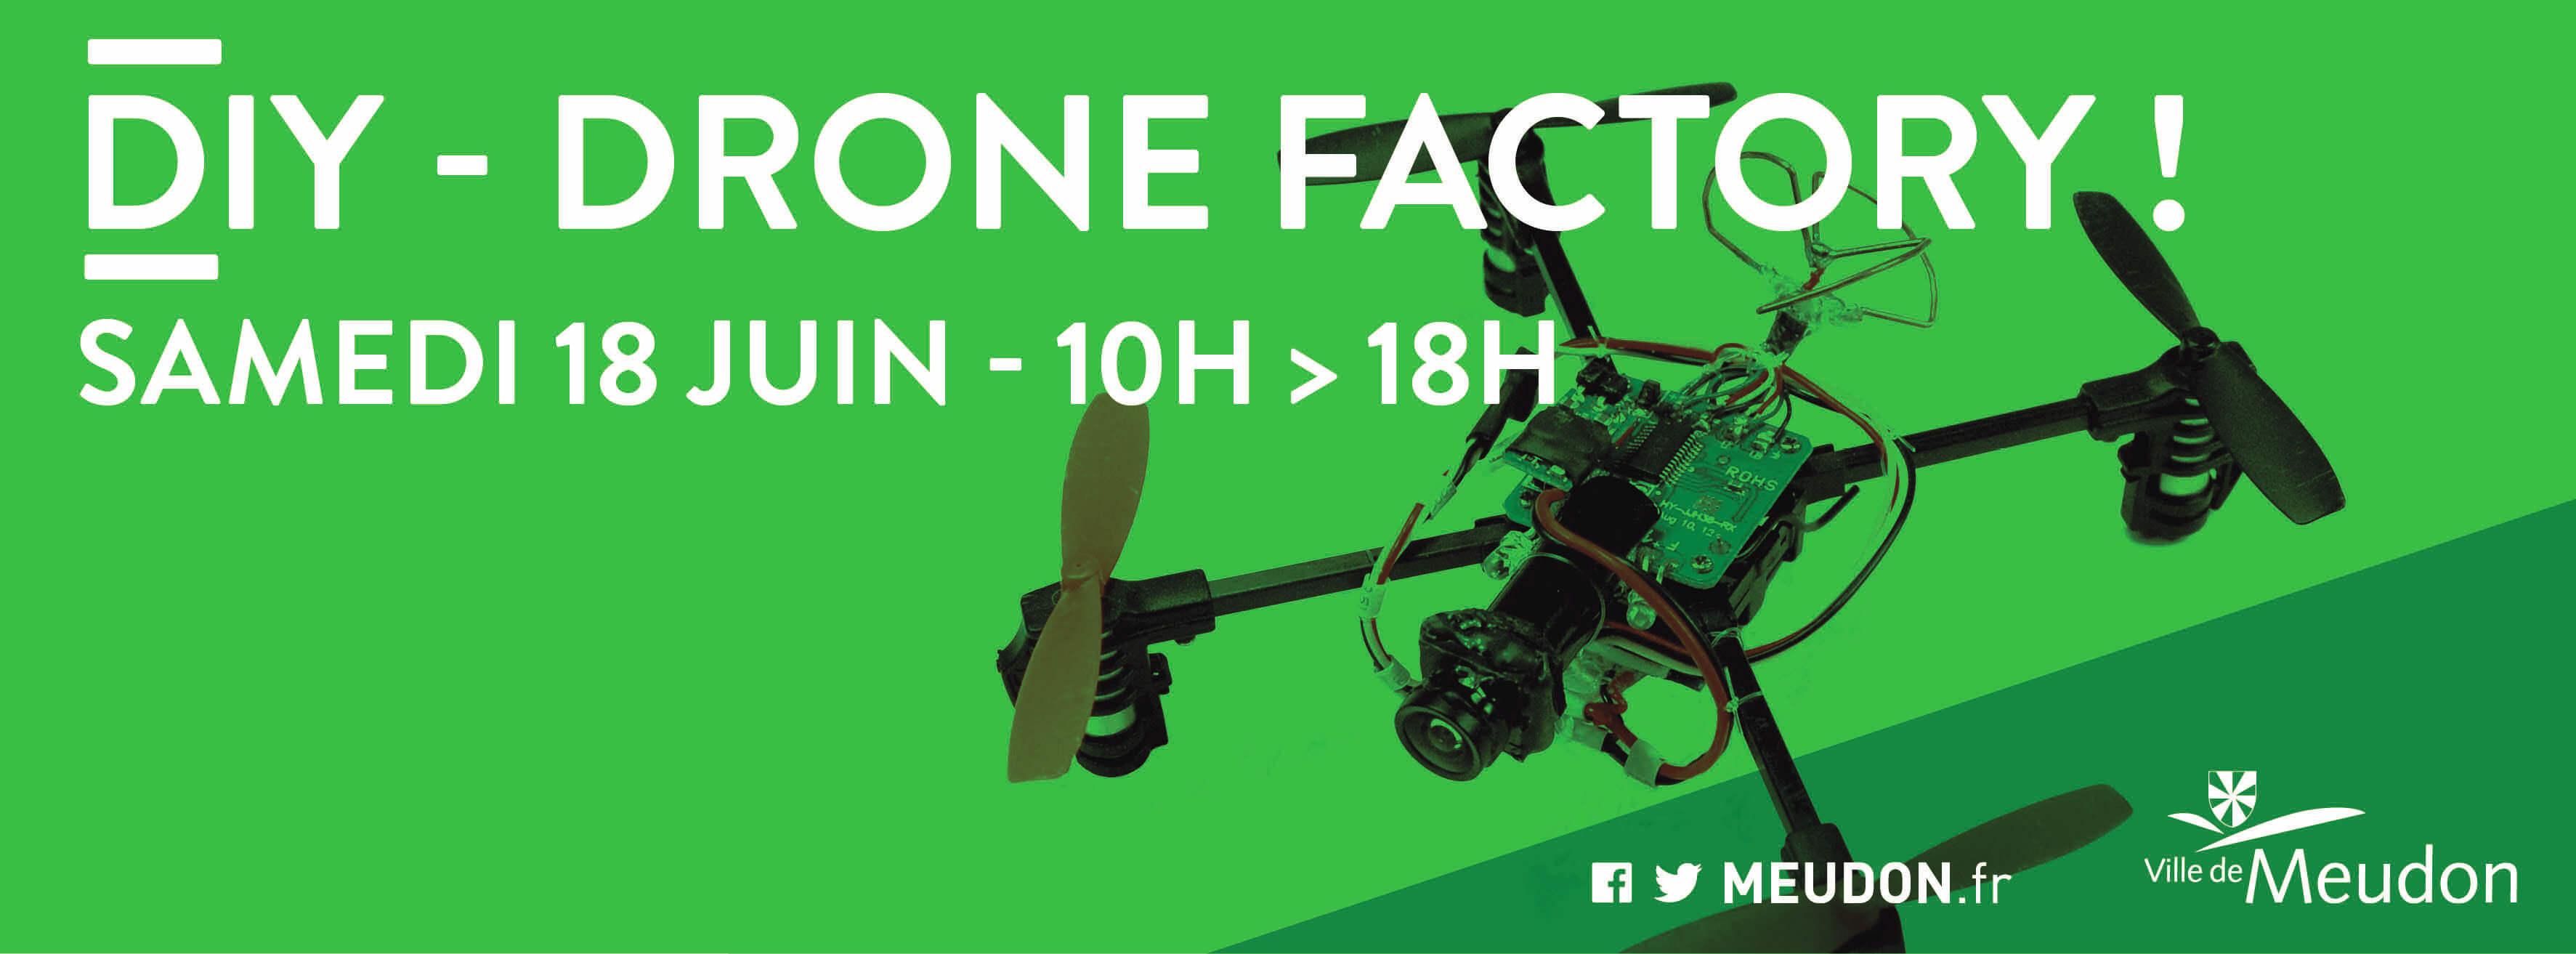 Drone Factory - Espace Multimédia de Meudon